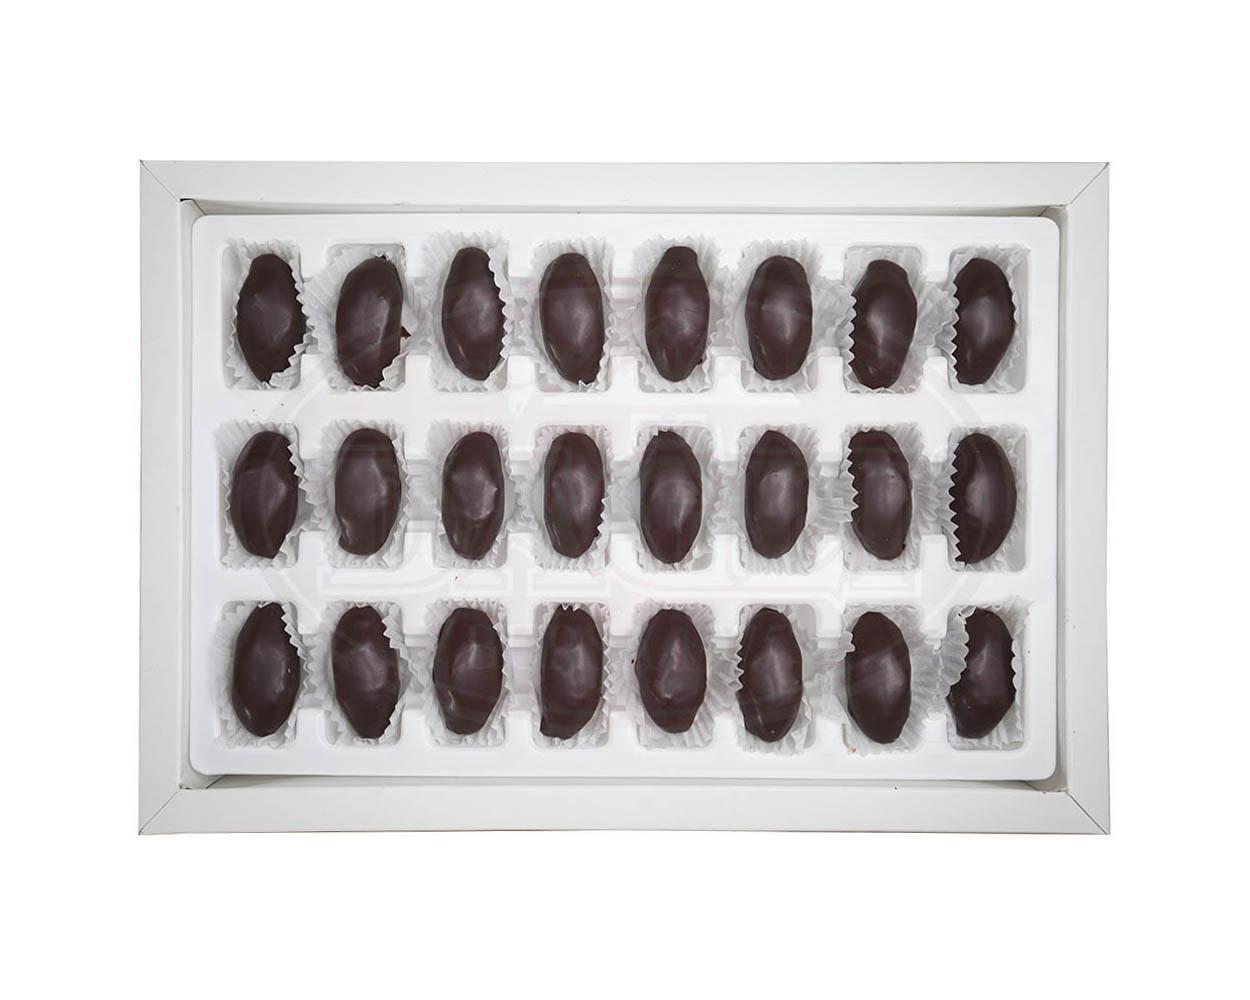 Lüks Kutu Çikolatalı Kestane Şekeri 400g